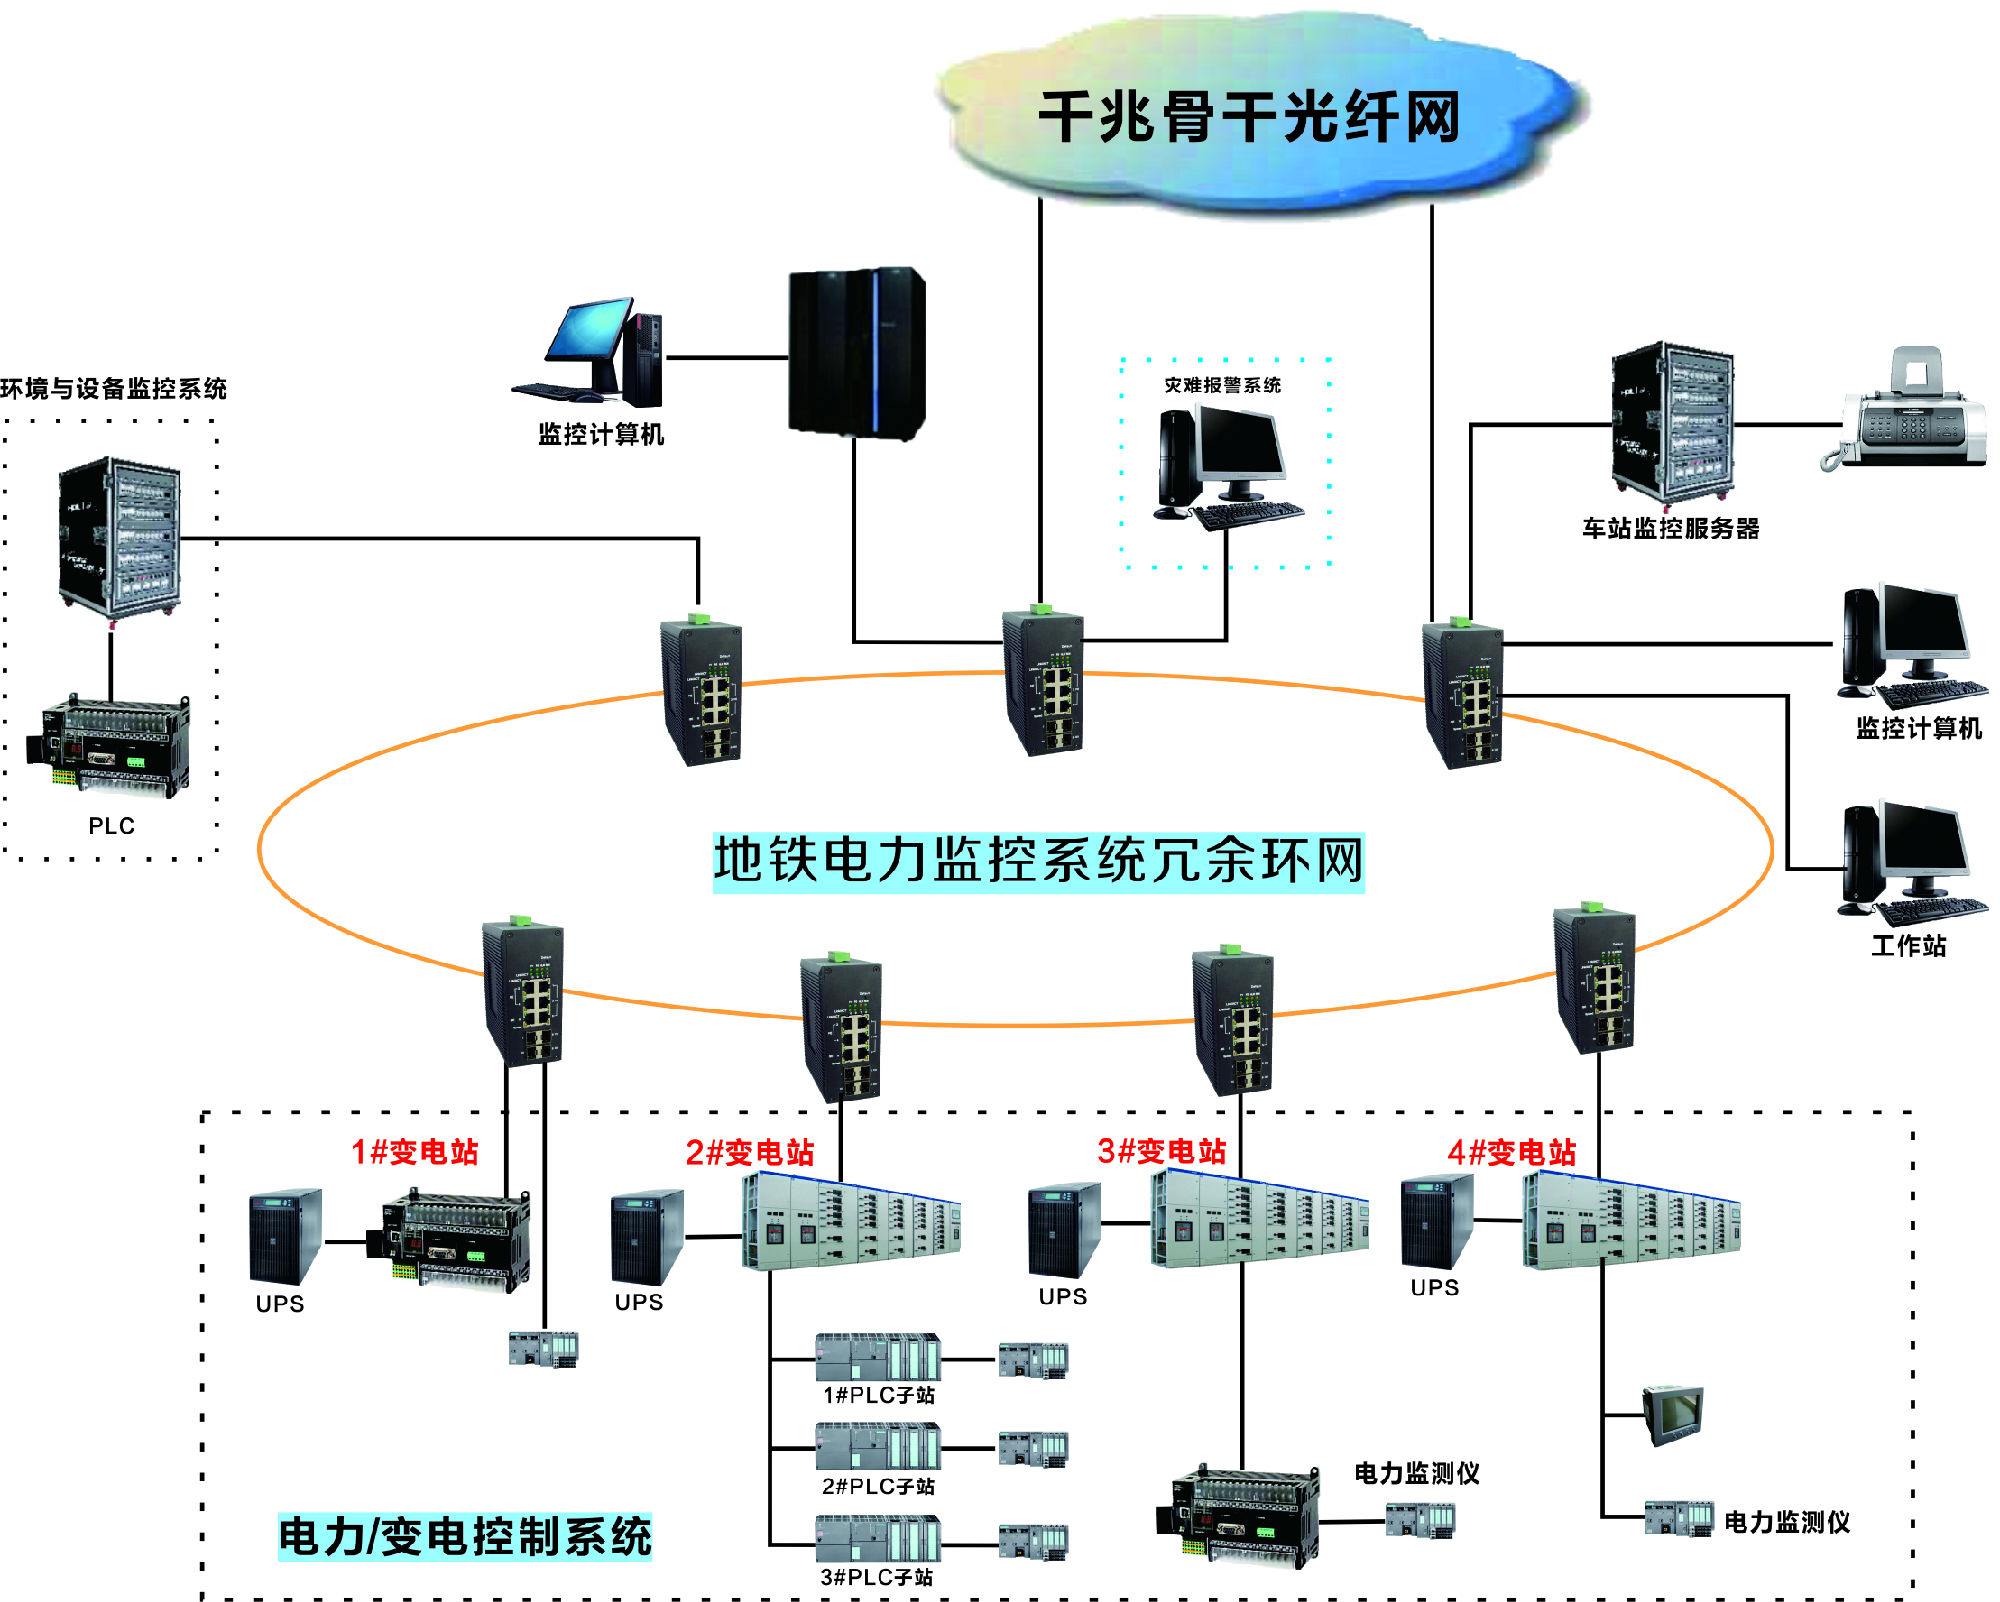 一、商品描述 工业级网管型交换机1000M系列是我公司基于自主软件研发而成的一款工业级光纤环网以太网交换机,其具备2*1000Base-GX(SFP以太网光口)和8个10/100/1000Base-T(RJ45以太网电口)自适应以太网电口。设备具备环形组网、备份链路、故障快速自恢复、网络自诊断的能力,支持web界面配置、管理。 该产品拥有工业级的设计,具有高稳定性,高性价比,高防雷防辐射的防护等级的特性,同时具有DIN导轨安装和桌面安装可选,可广泛应用于电信、电力、水利、金融、交通、能源、公安、监狱、部队